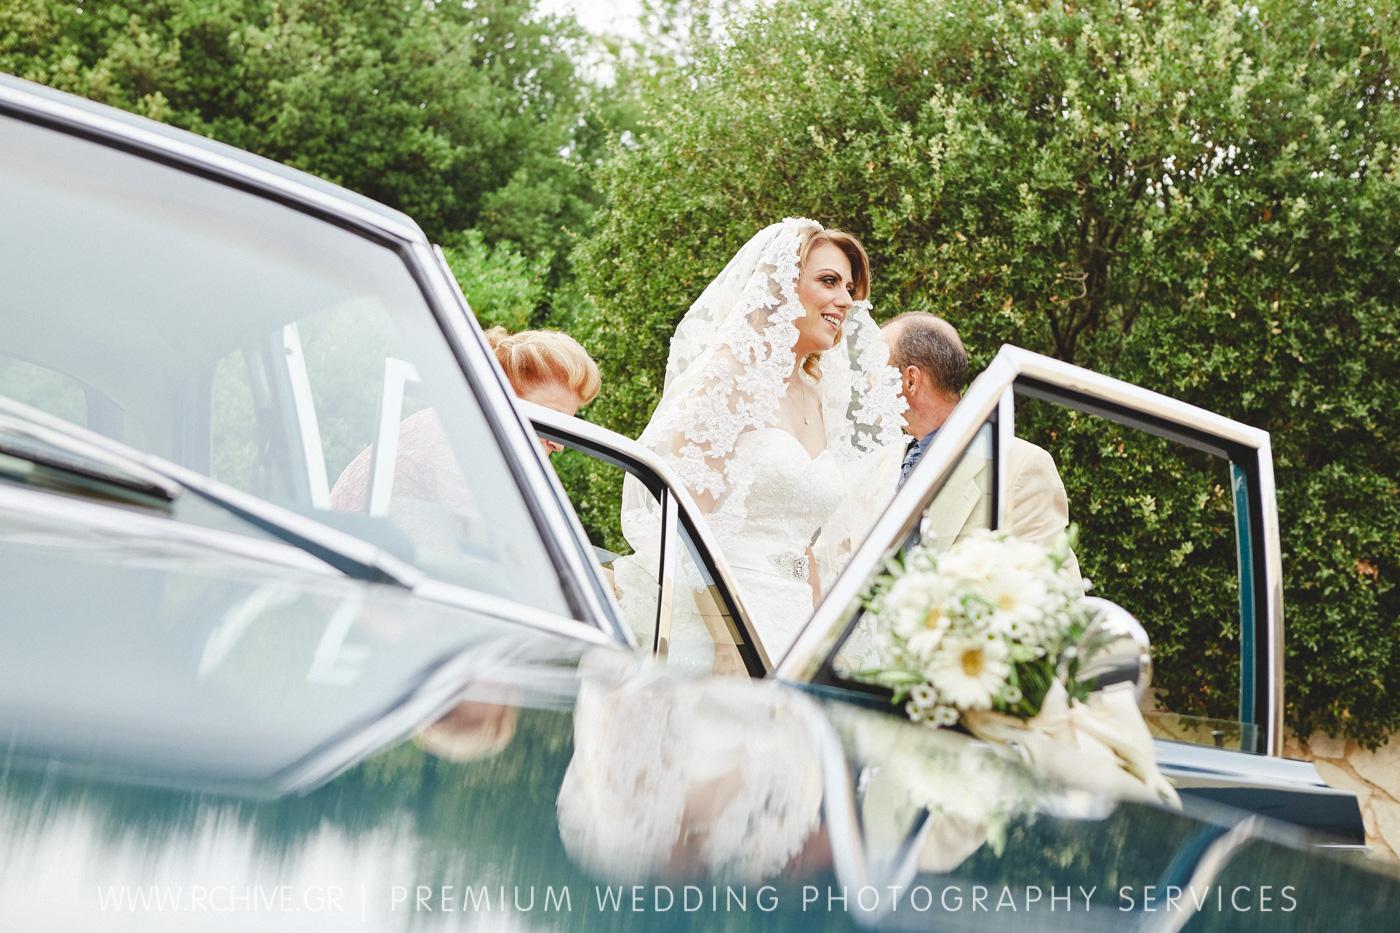 αλσος νυμφών γάμος studio 7